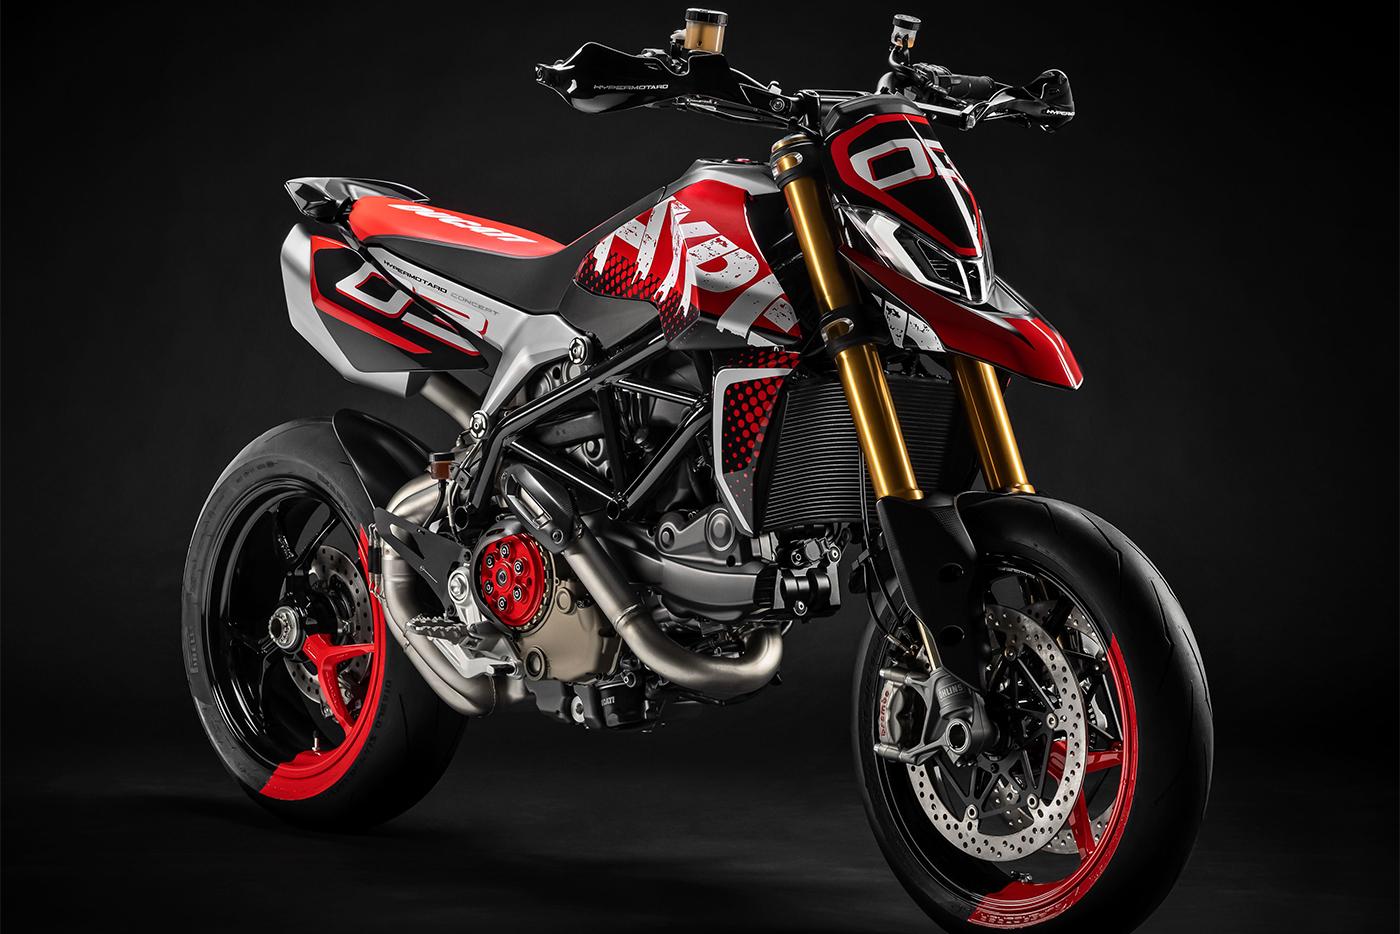 2019-ducati-hypermotard-950-concept-2-e1559002098665.jpg